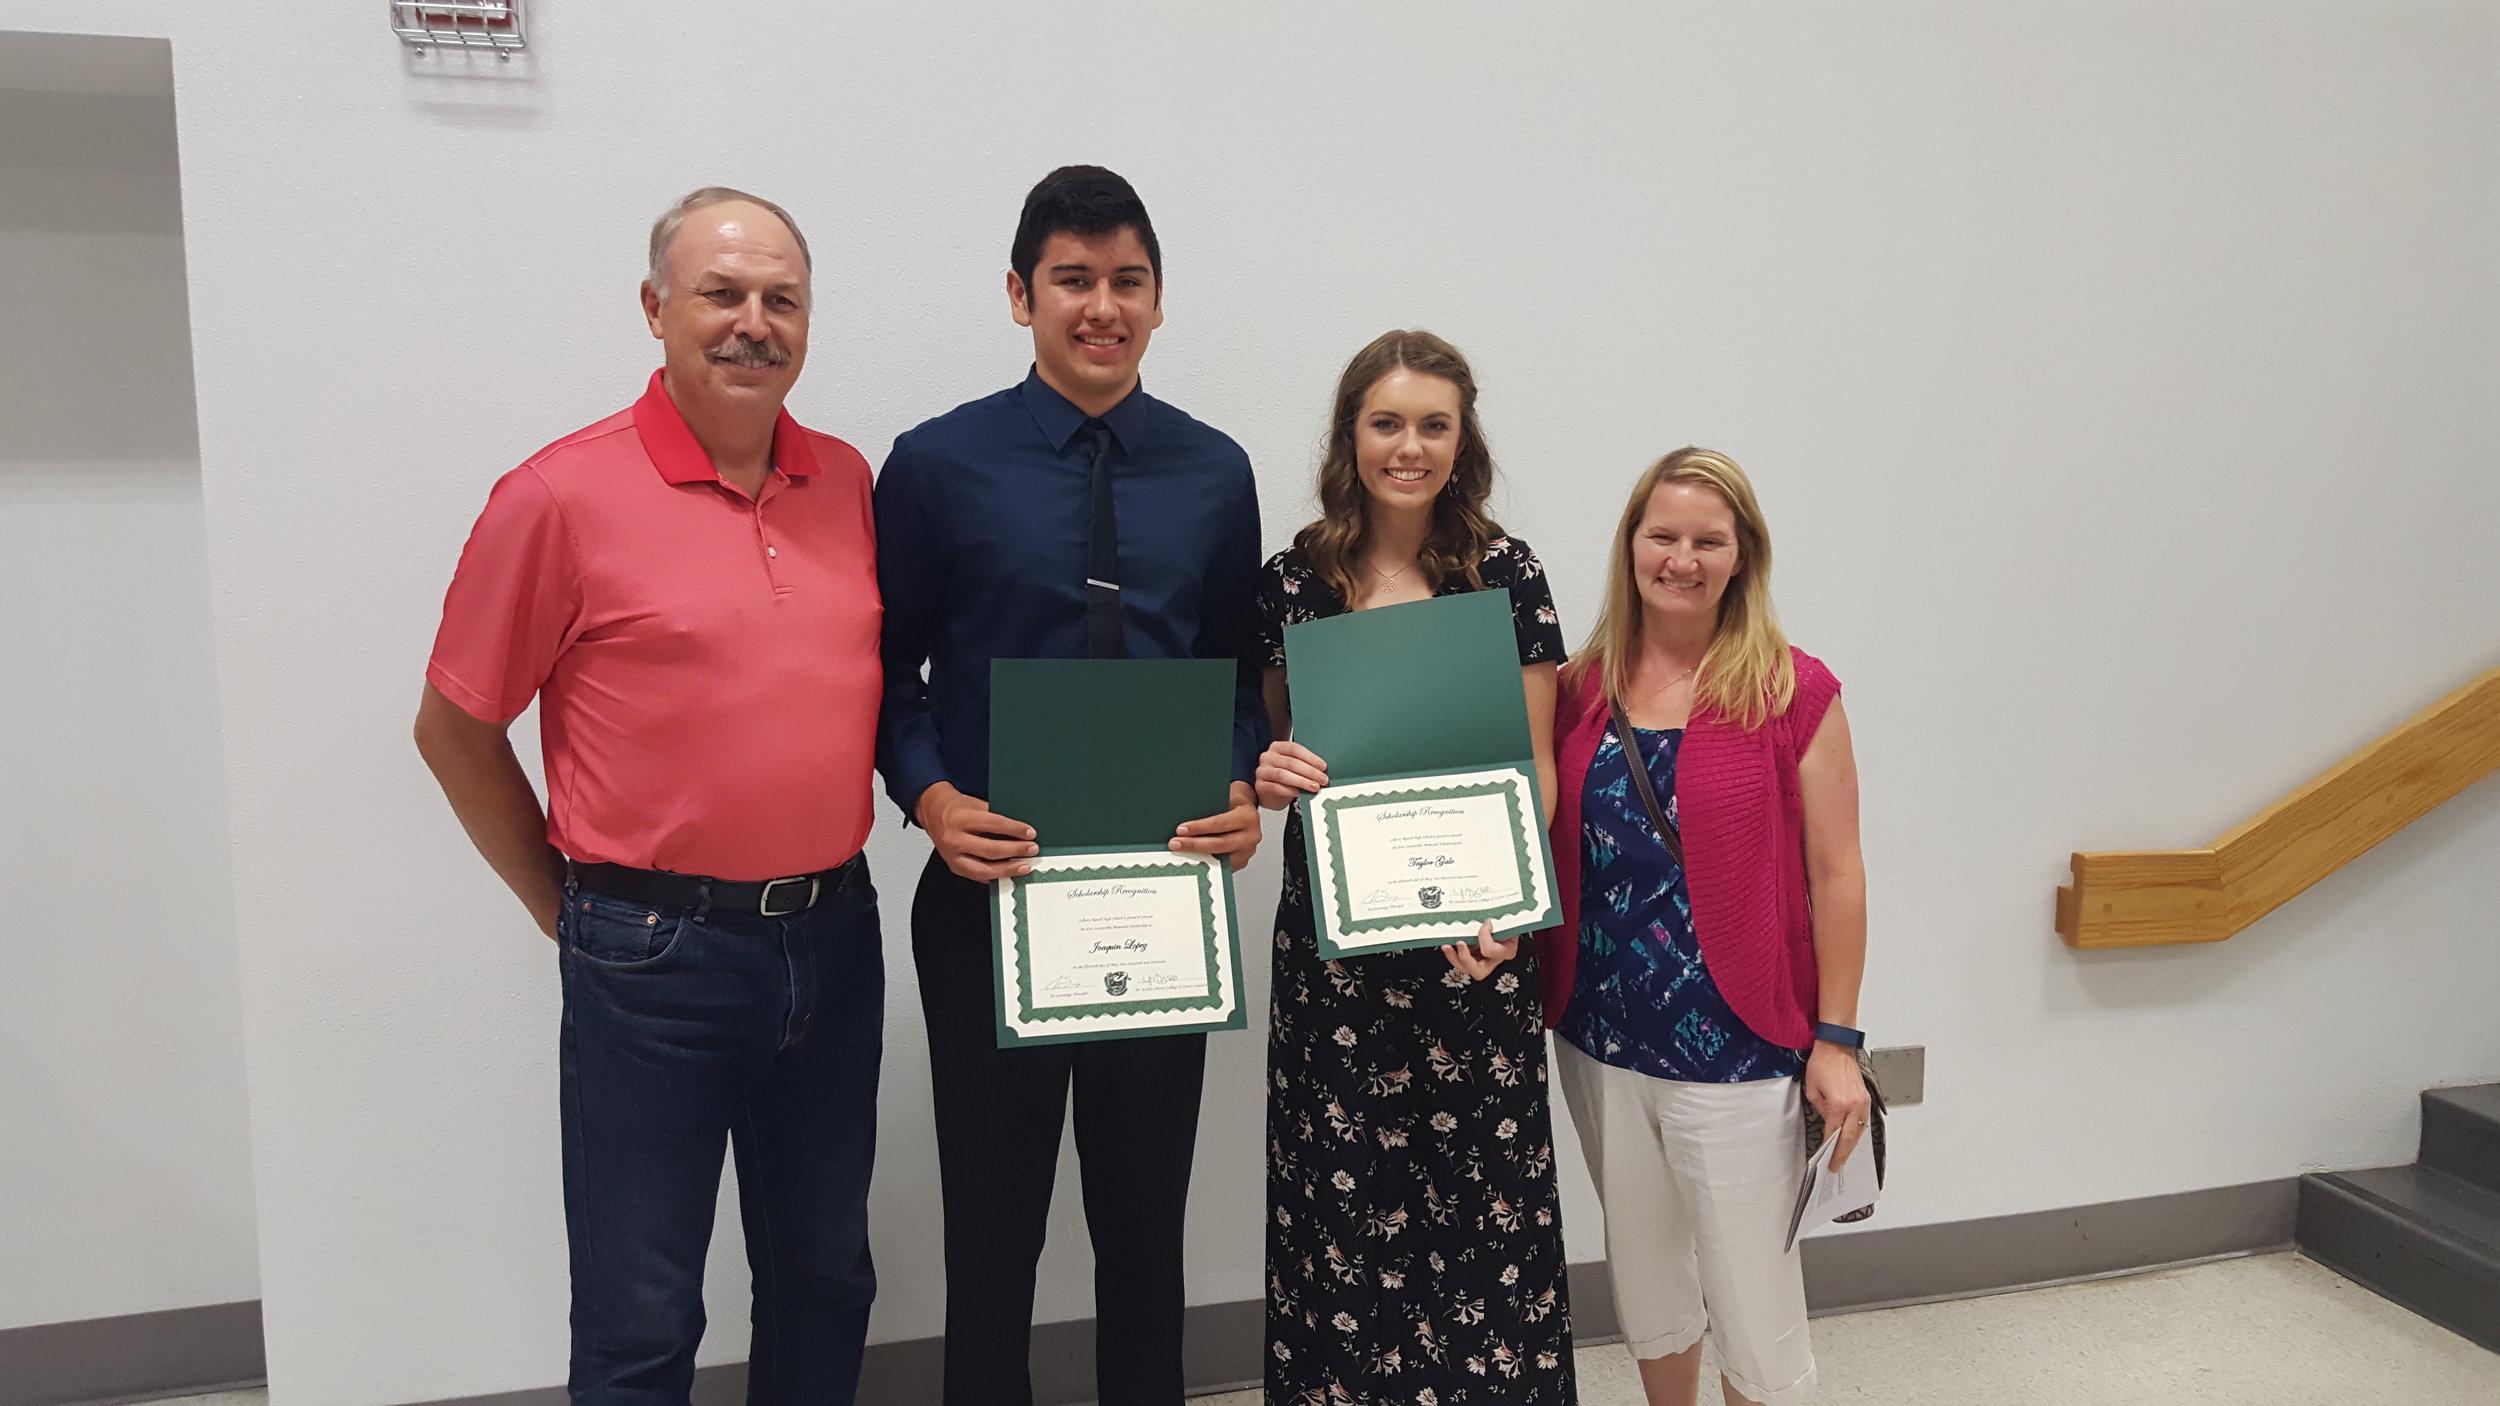 2017 Liberty Ranch High School recipients